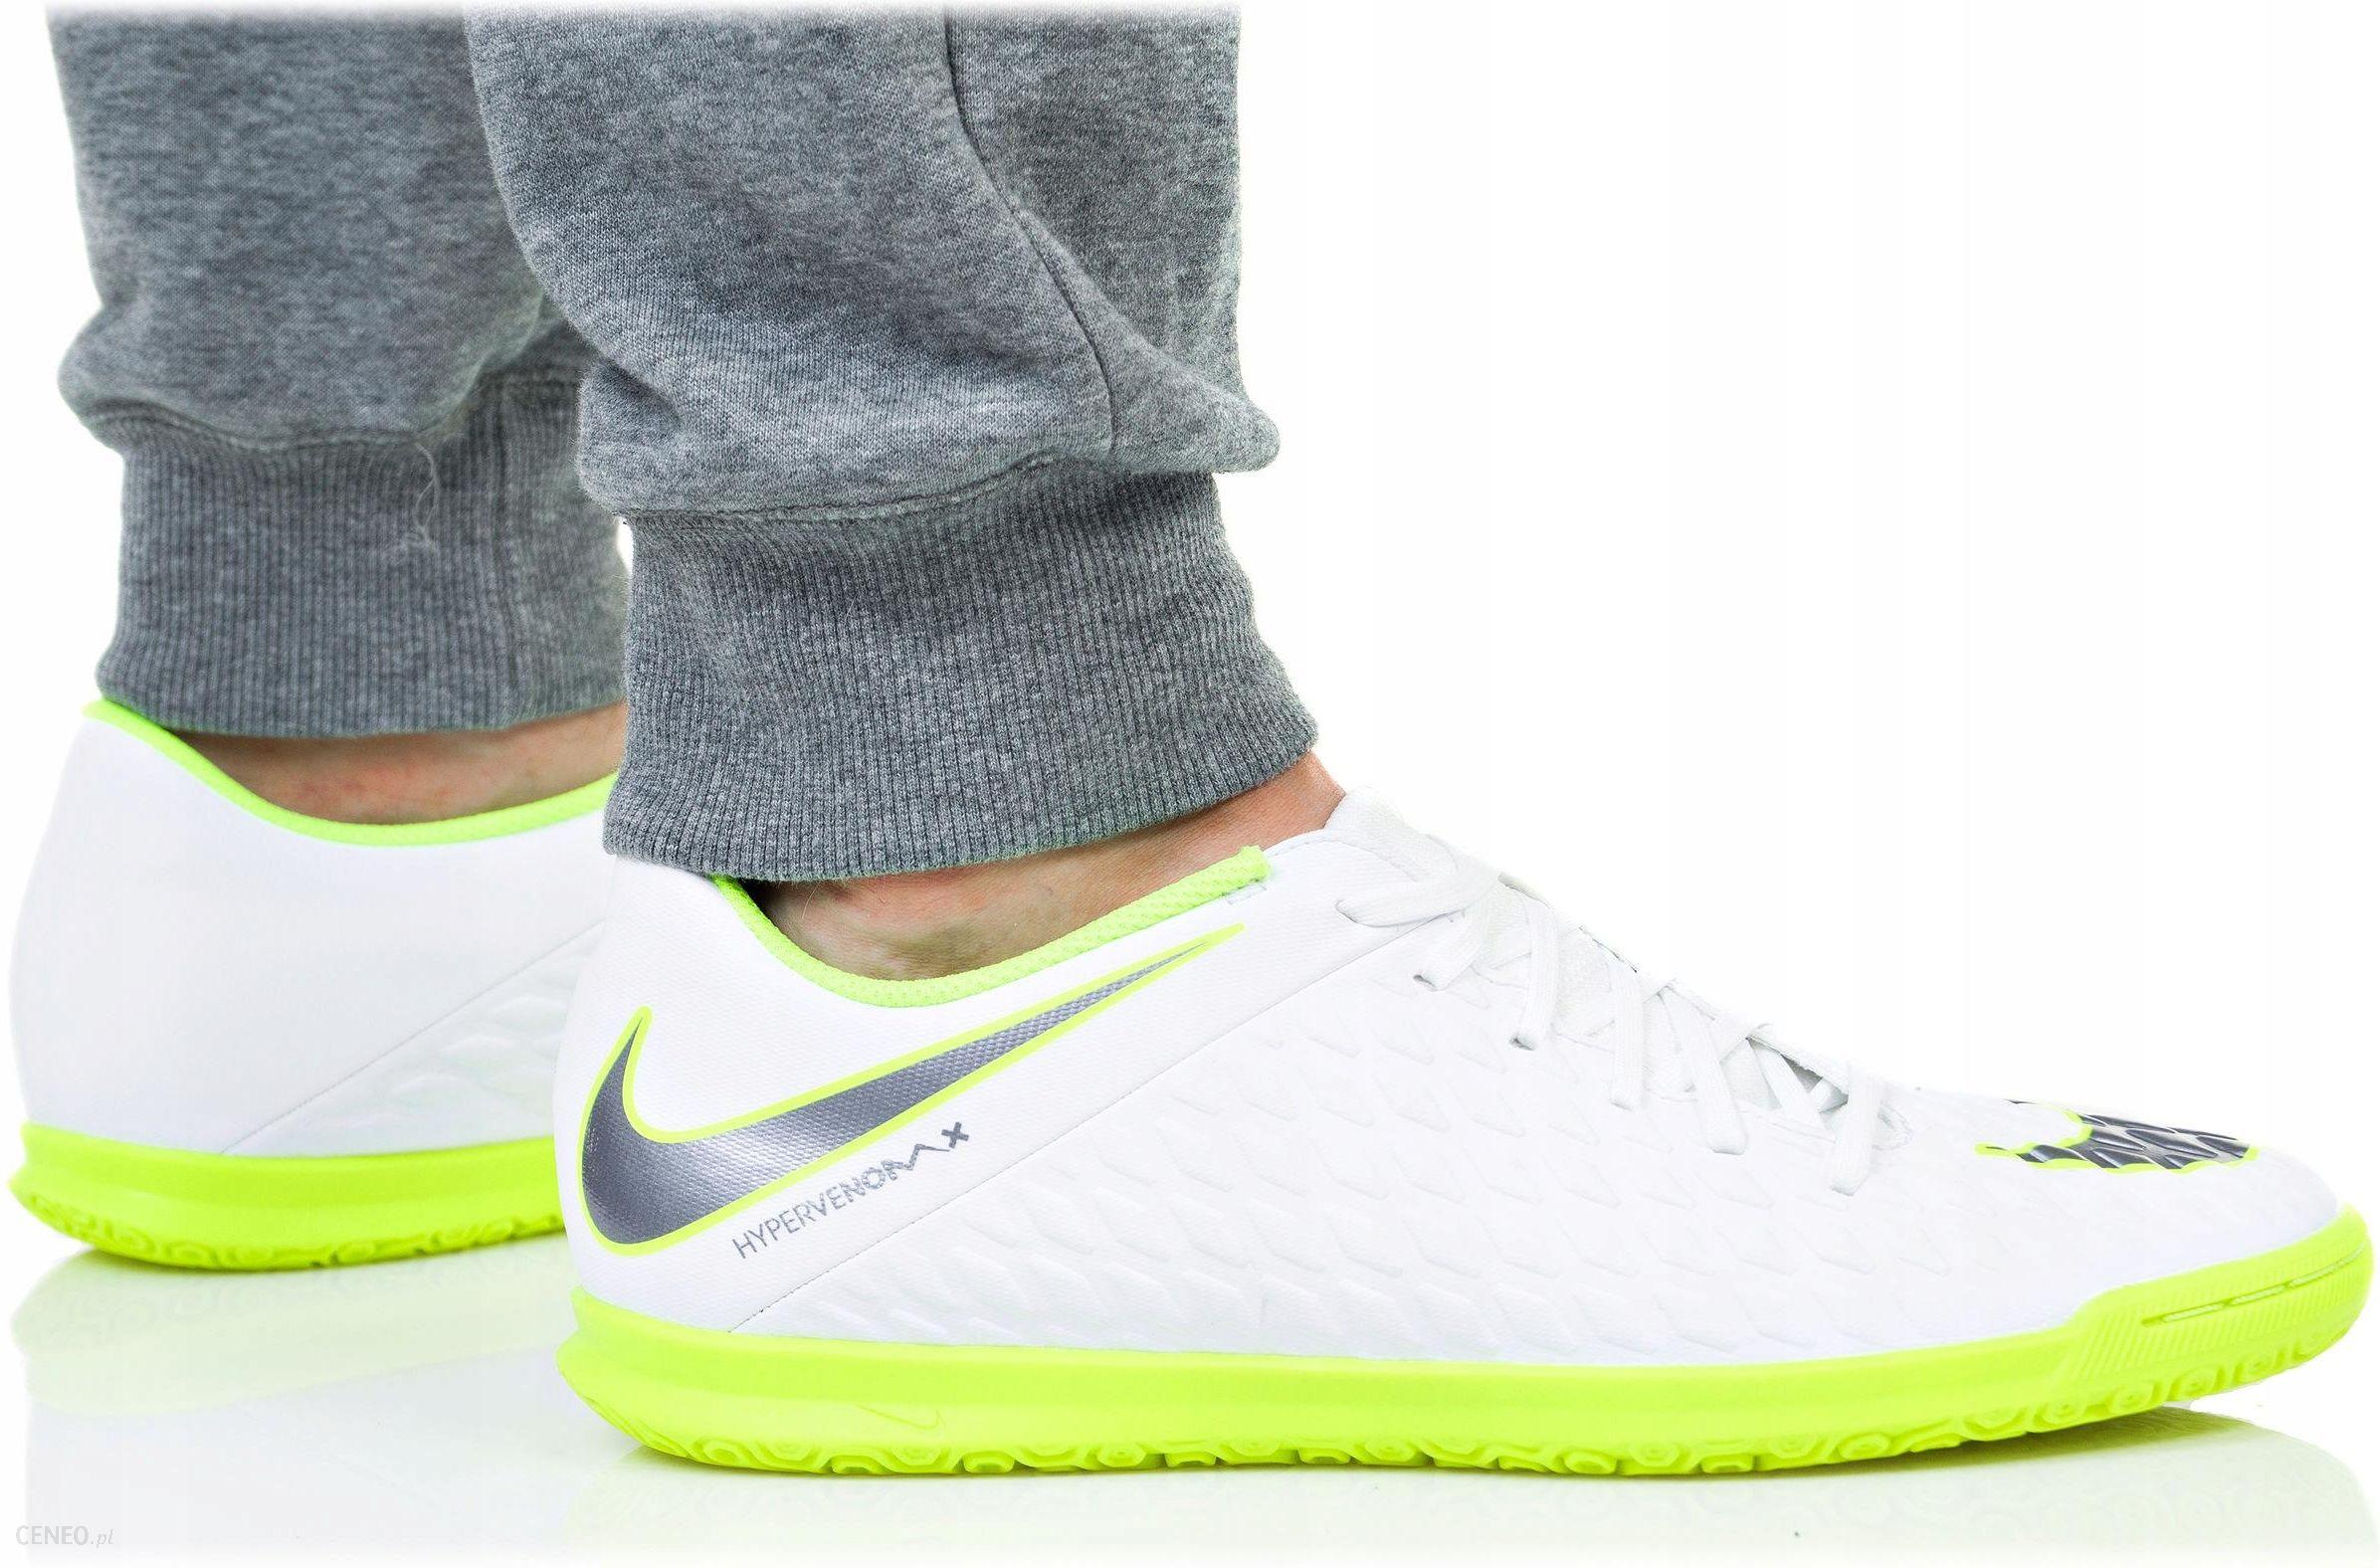 na sprzedaż online najlepsza wyprzedaż dla całej rodziny Halówki Nike Hypervenom Phantomx 3 Club AJ3808-107 - Ceny i opinie -  Ceneo.pl